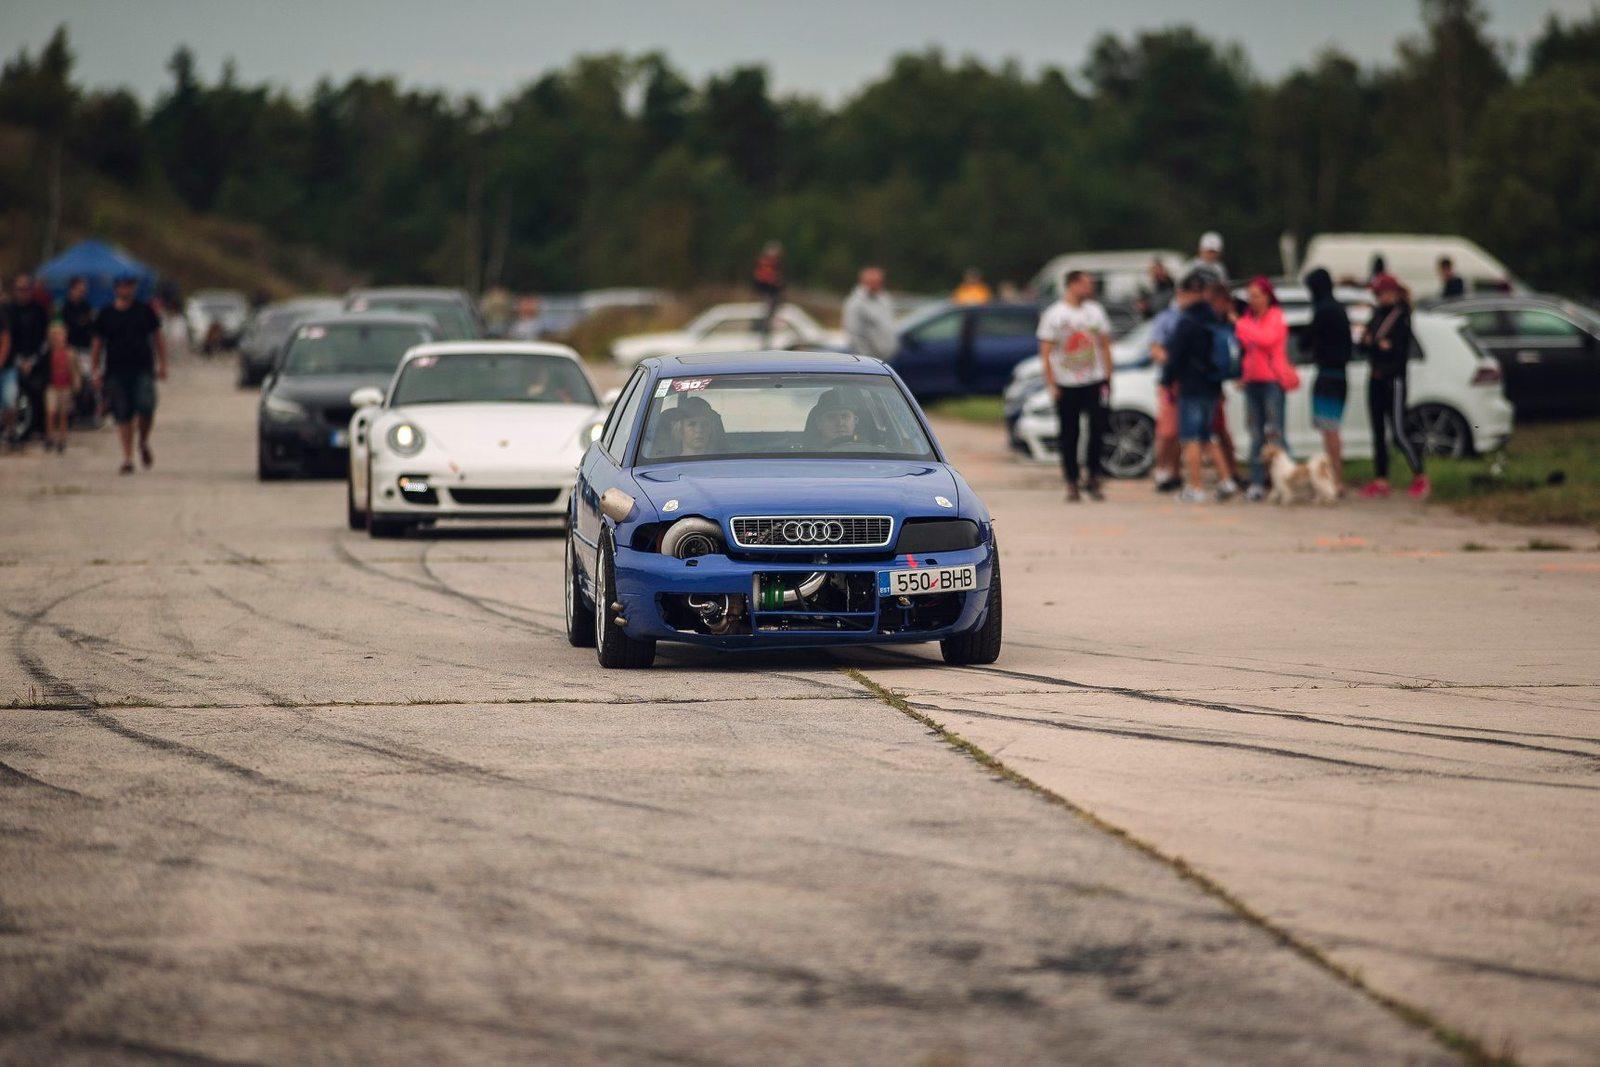 Audi S4 0 60 >> 2001 Audi S4 1 4 Mile Drag Racing Timeslip Specs 0 60